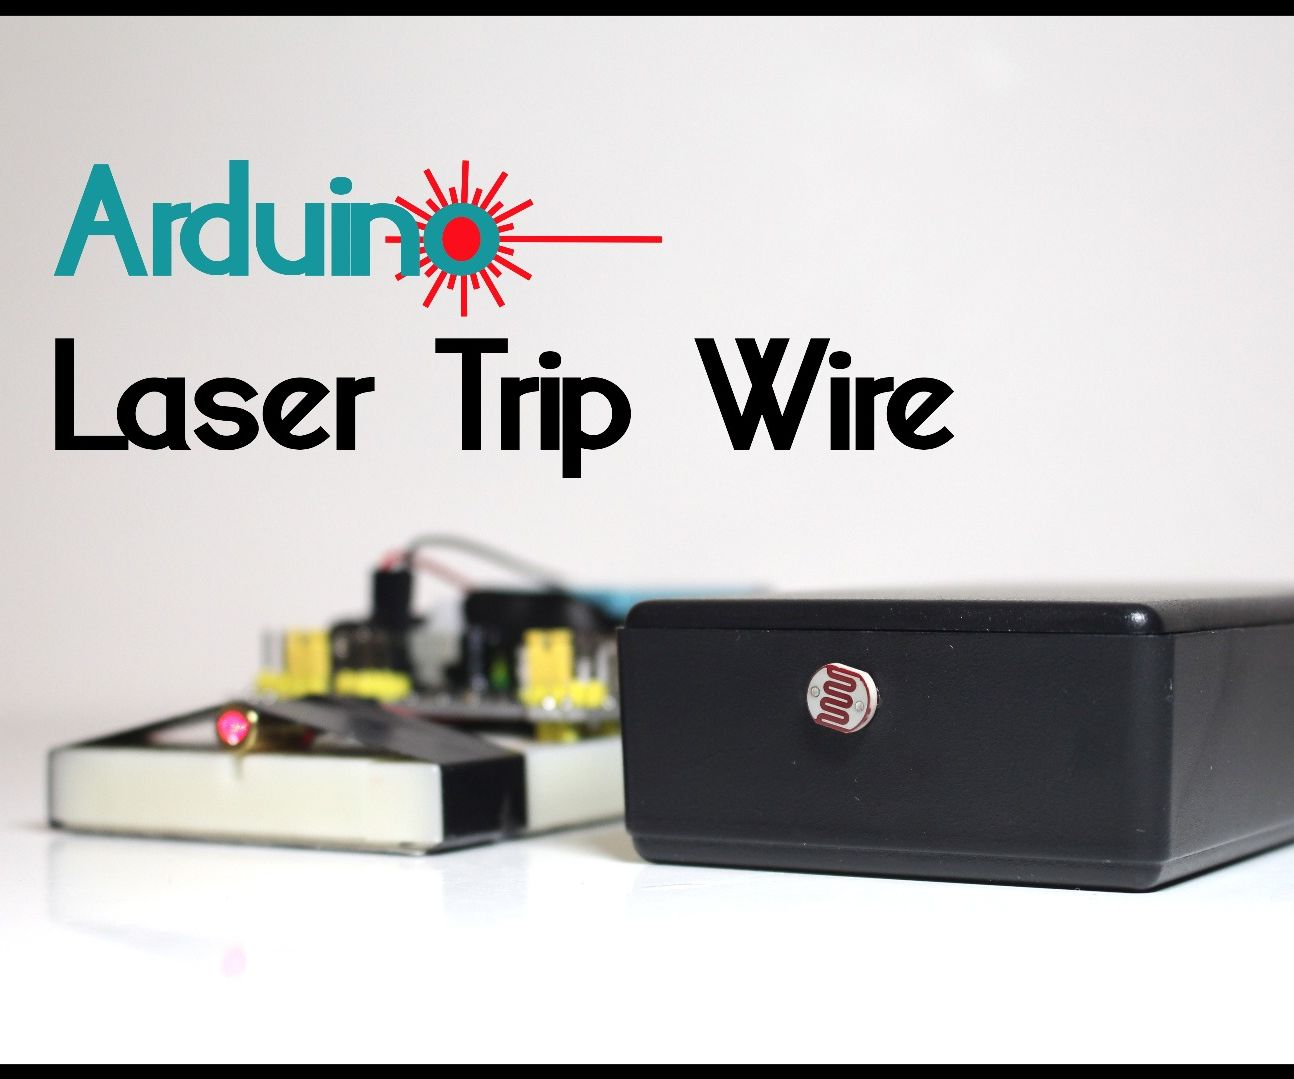 Arduino - Laser Tripwire Alarm System